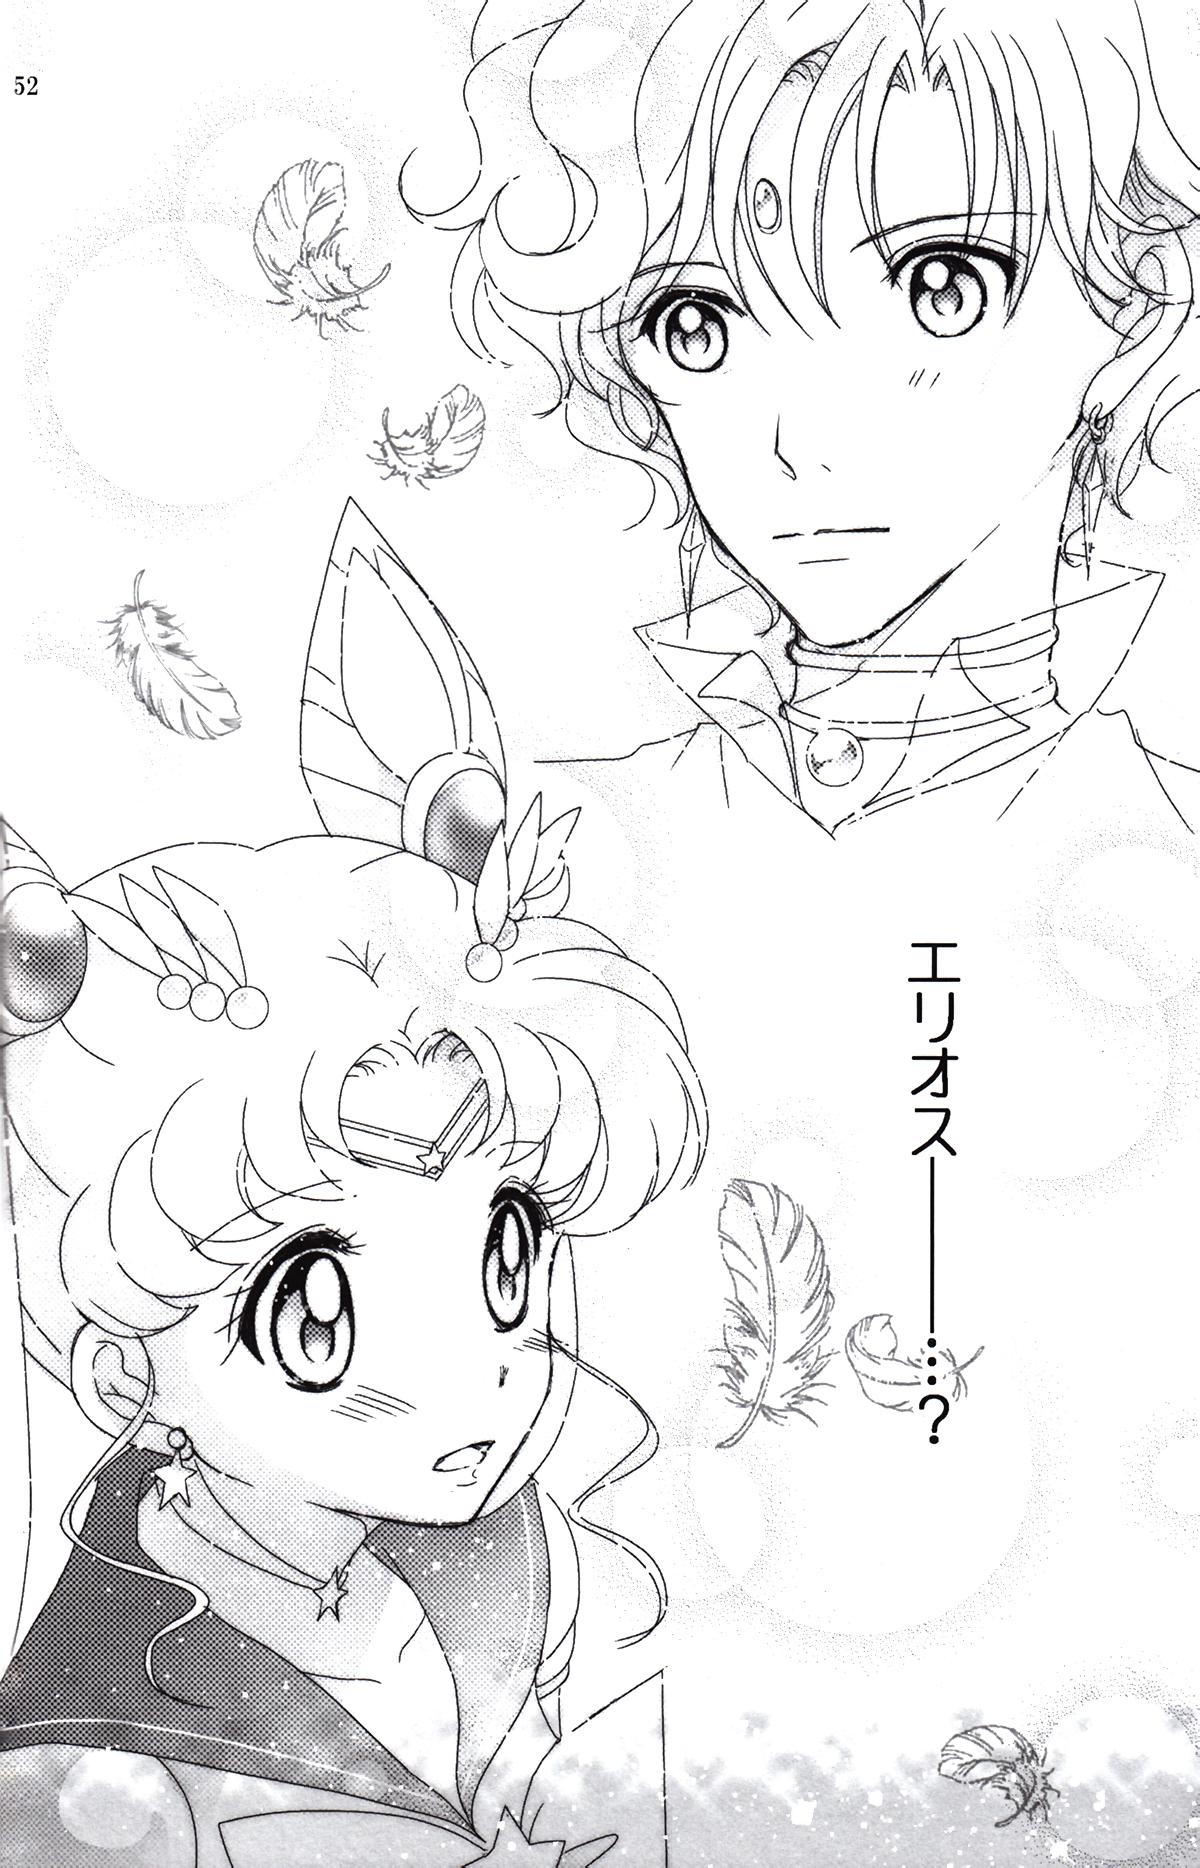 Yume_no_tsuzuki_52